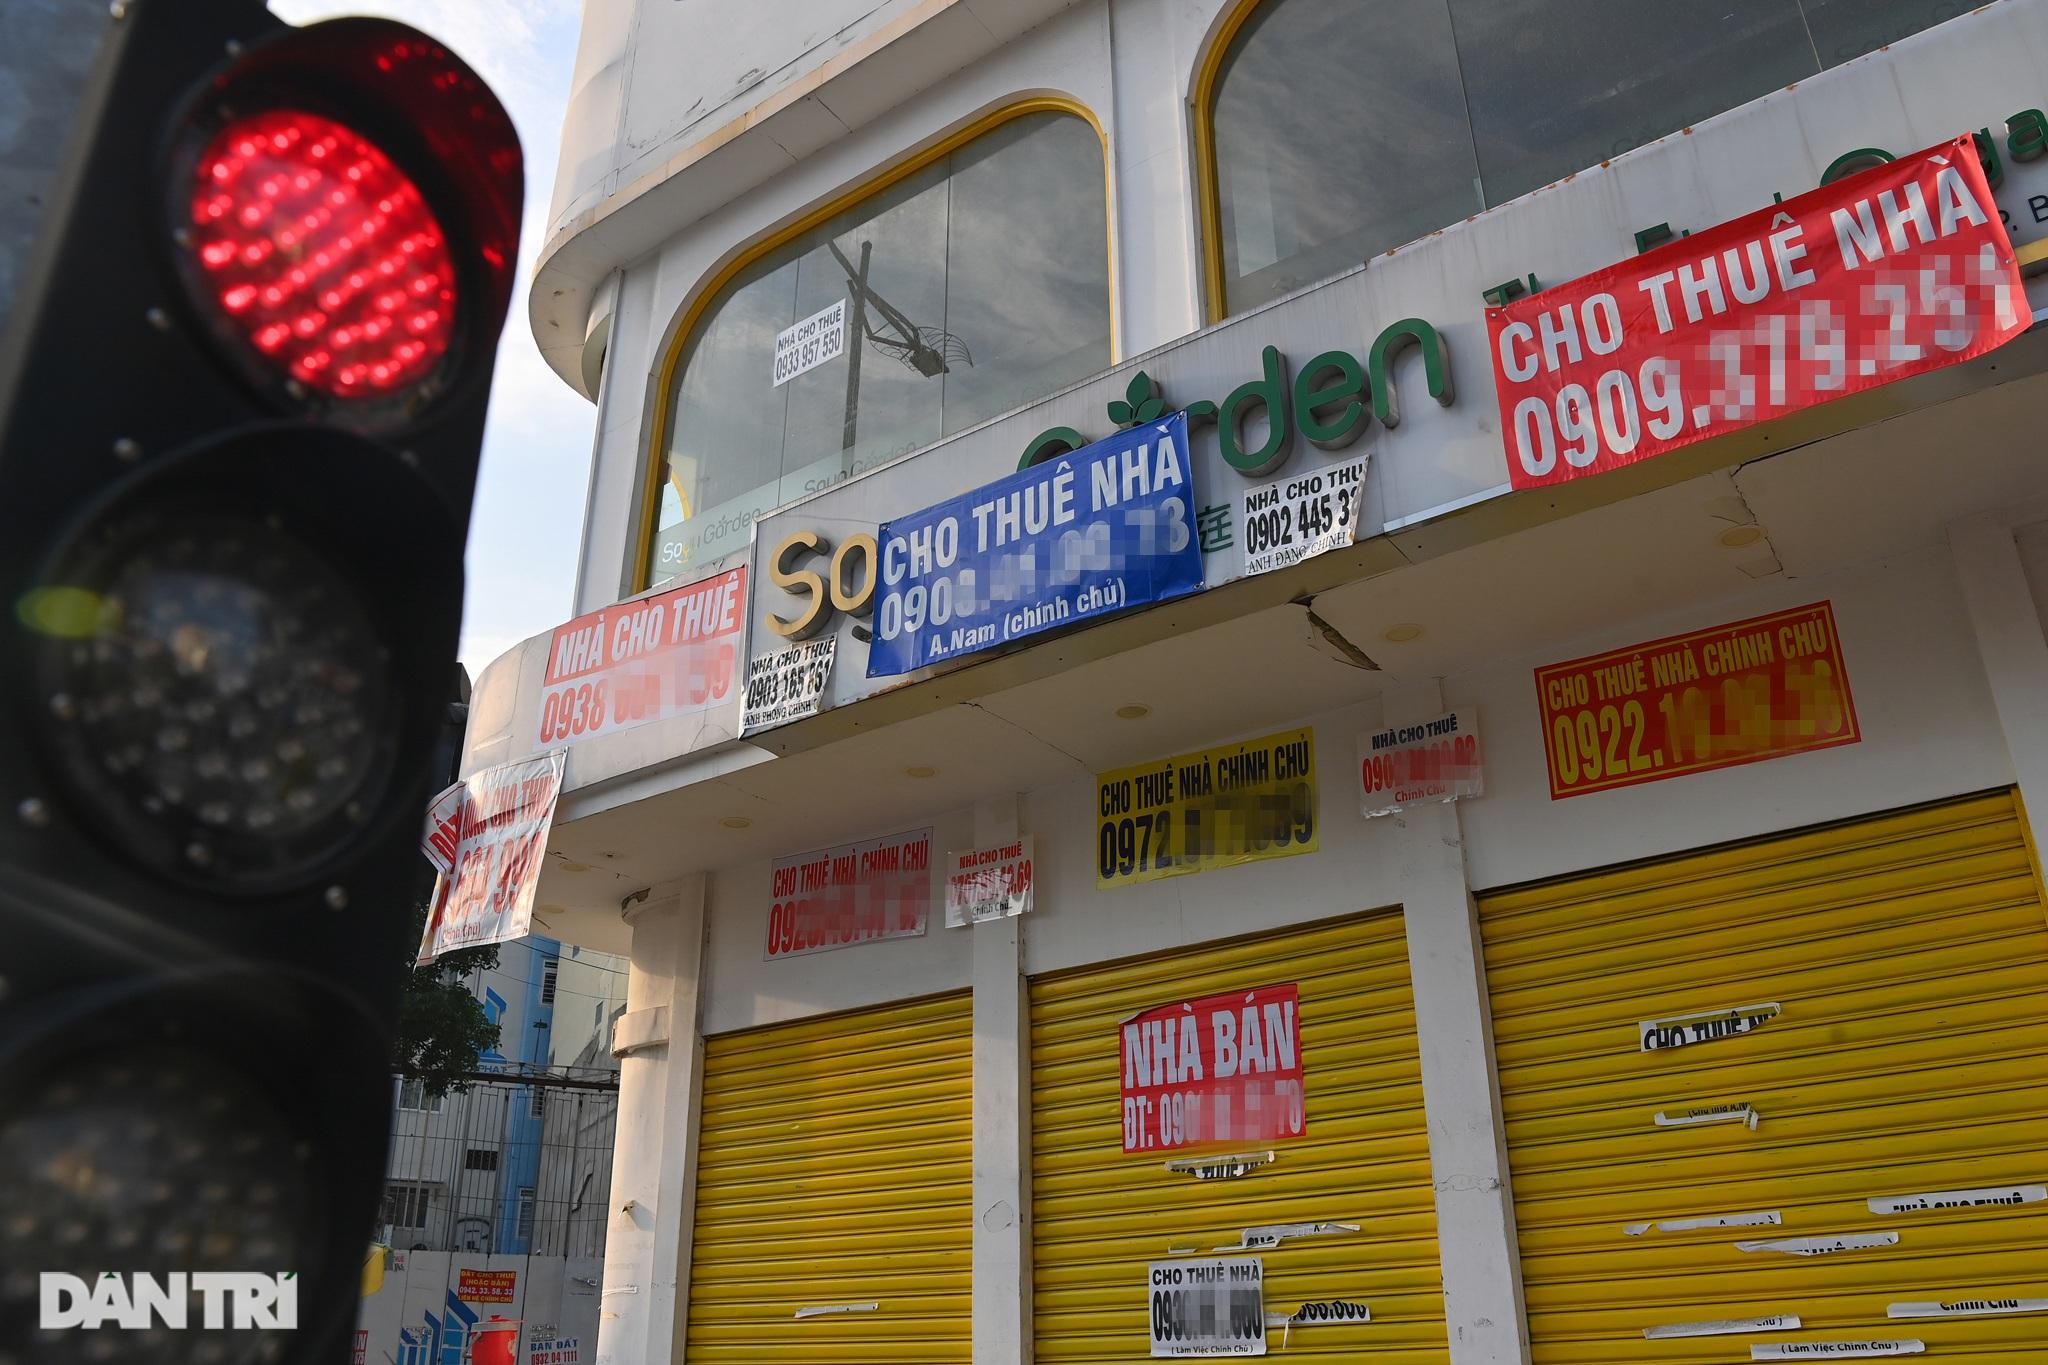 Tràn ngập biển cho thuê, bán nhà trên các tuyến phố trung tâm Sài Gòn - 18